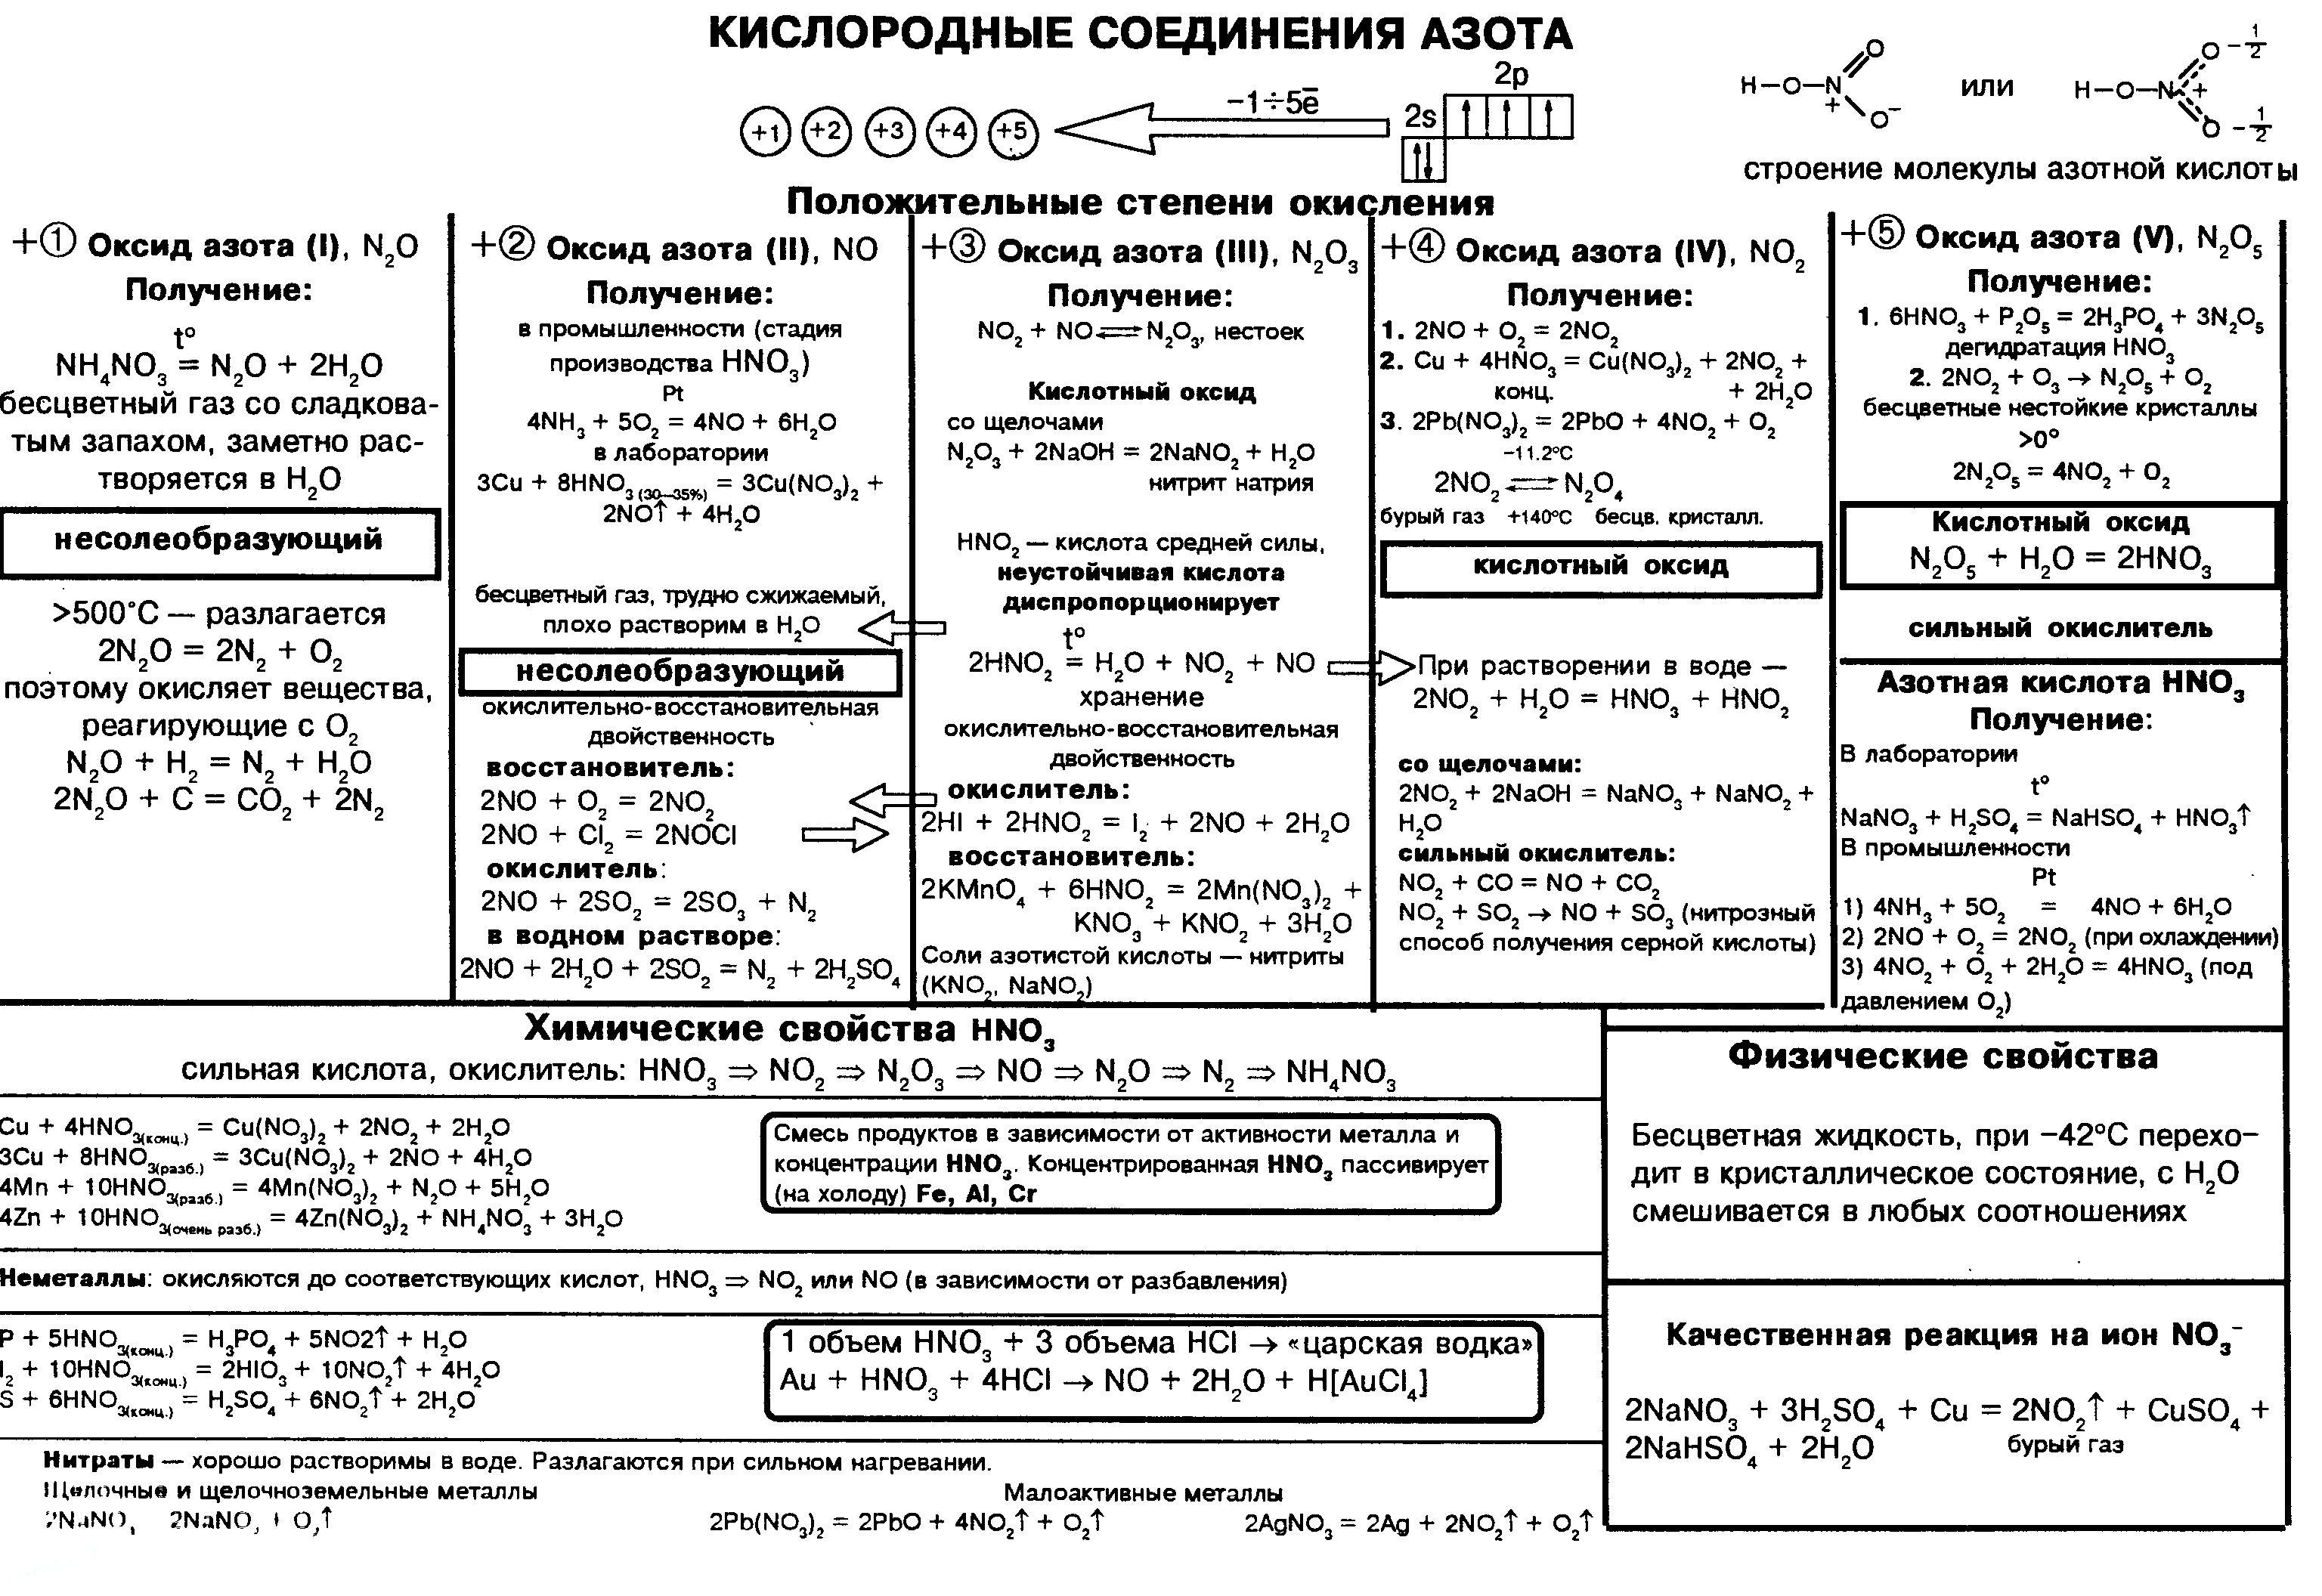 kislorodosoderzhashhie-soedineniya-azota